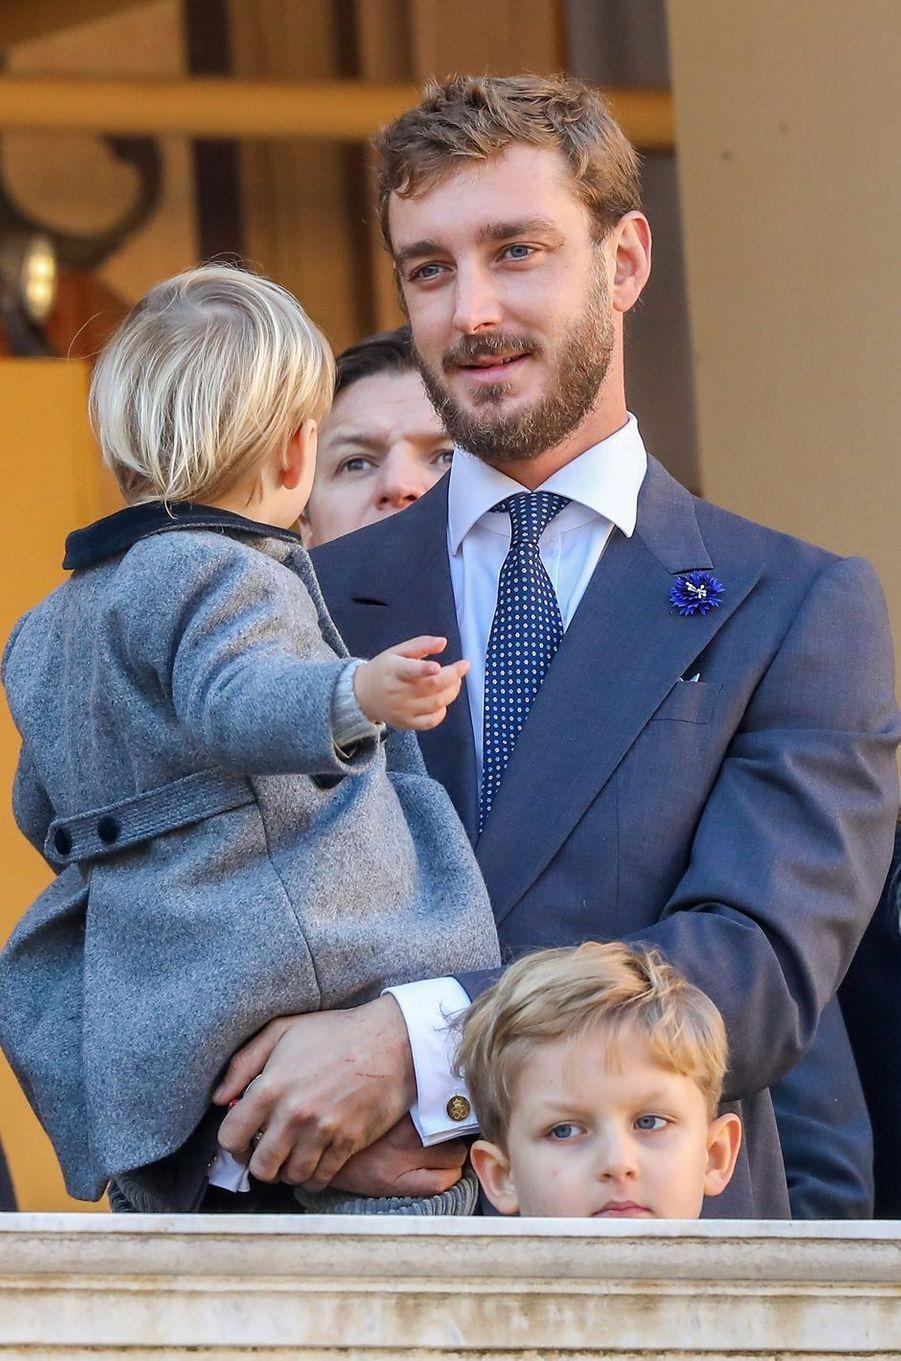 Pierre Casiraghi avec son fils Stefano à Monaco, le 19 novembre 2018